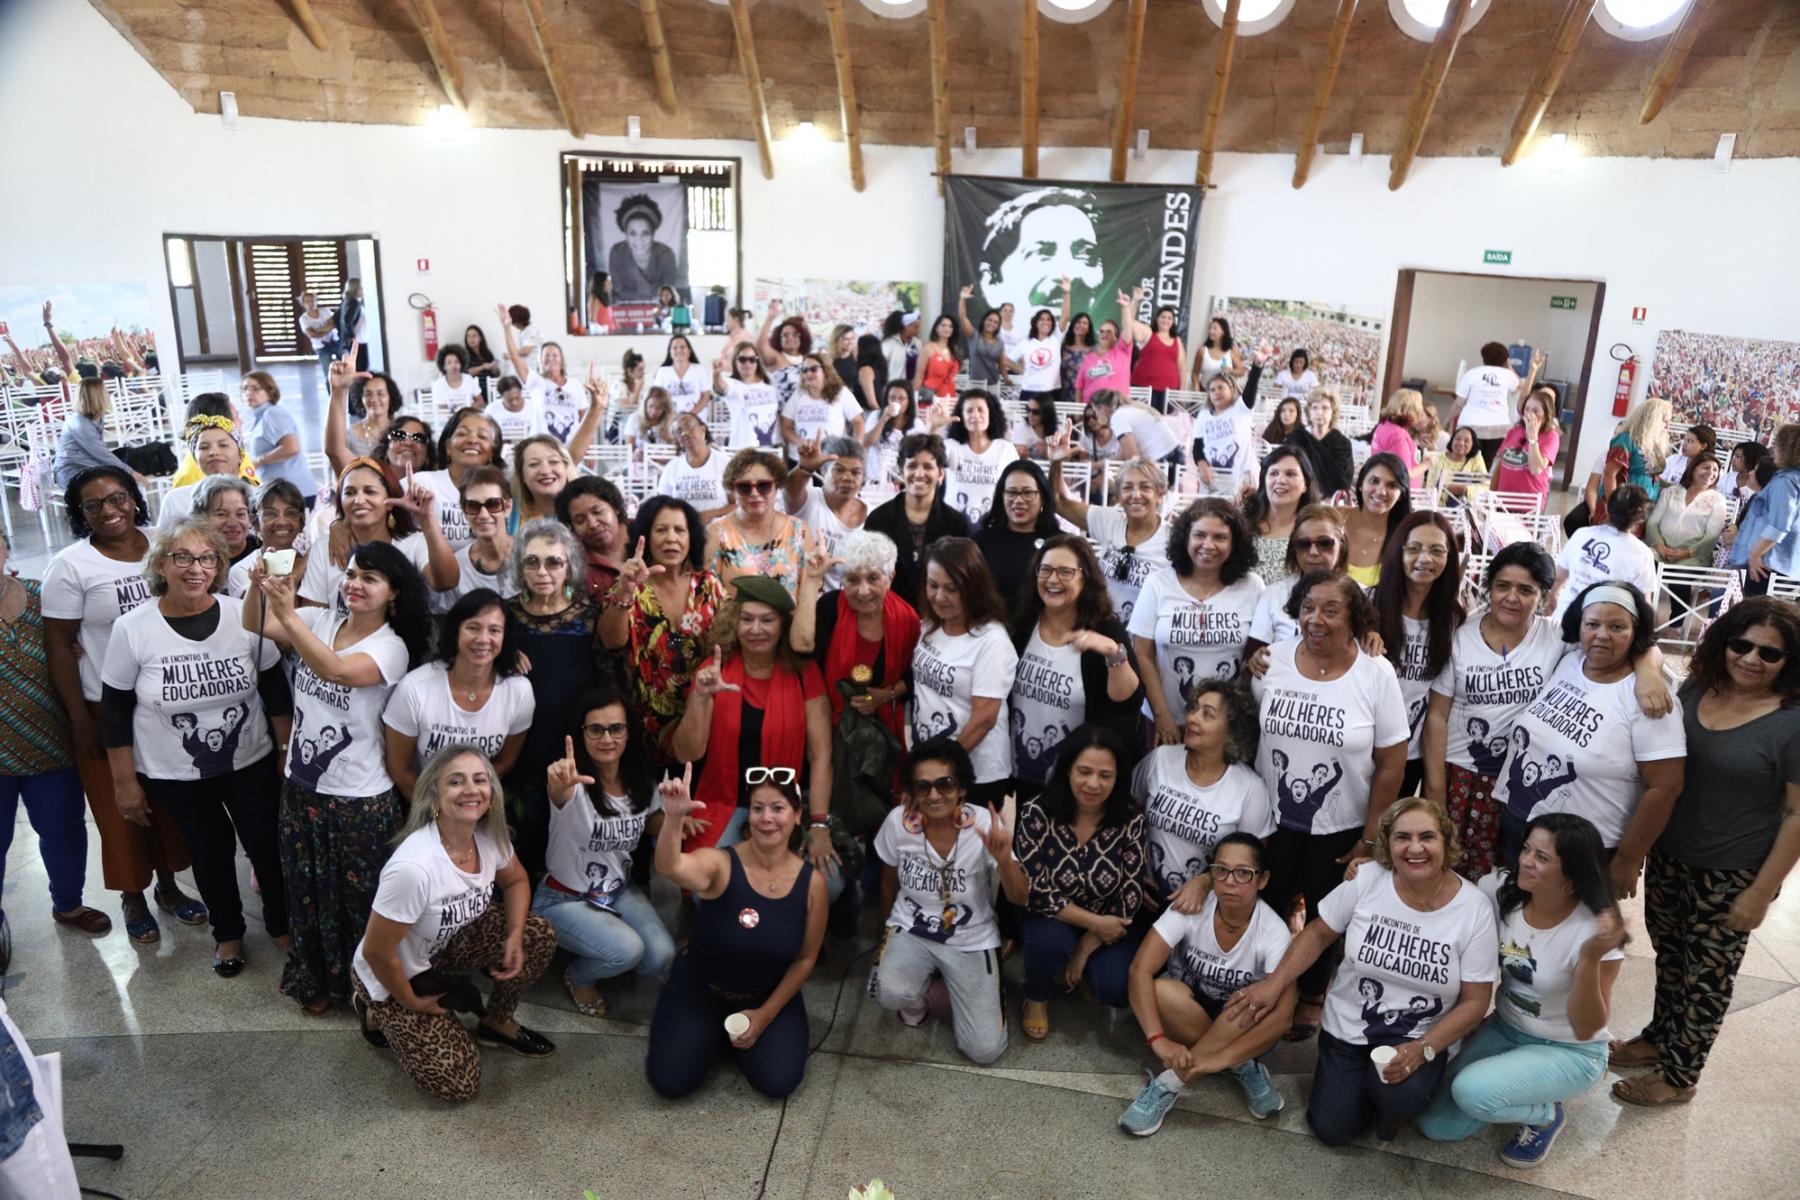 2019.04.27-VII-Encontro-de-Mulheres-Trabalhadoras_fotos-ECOM-114